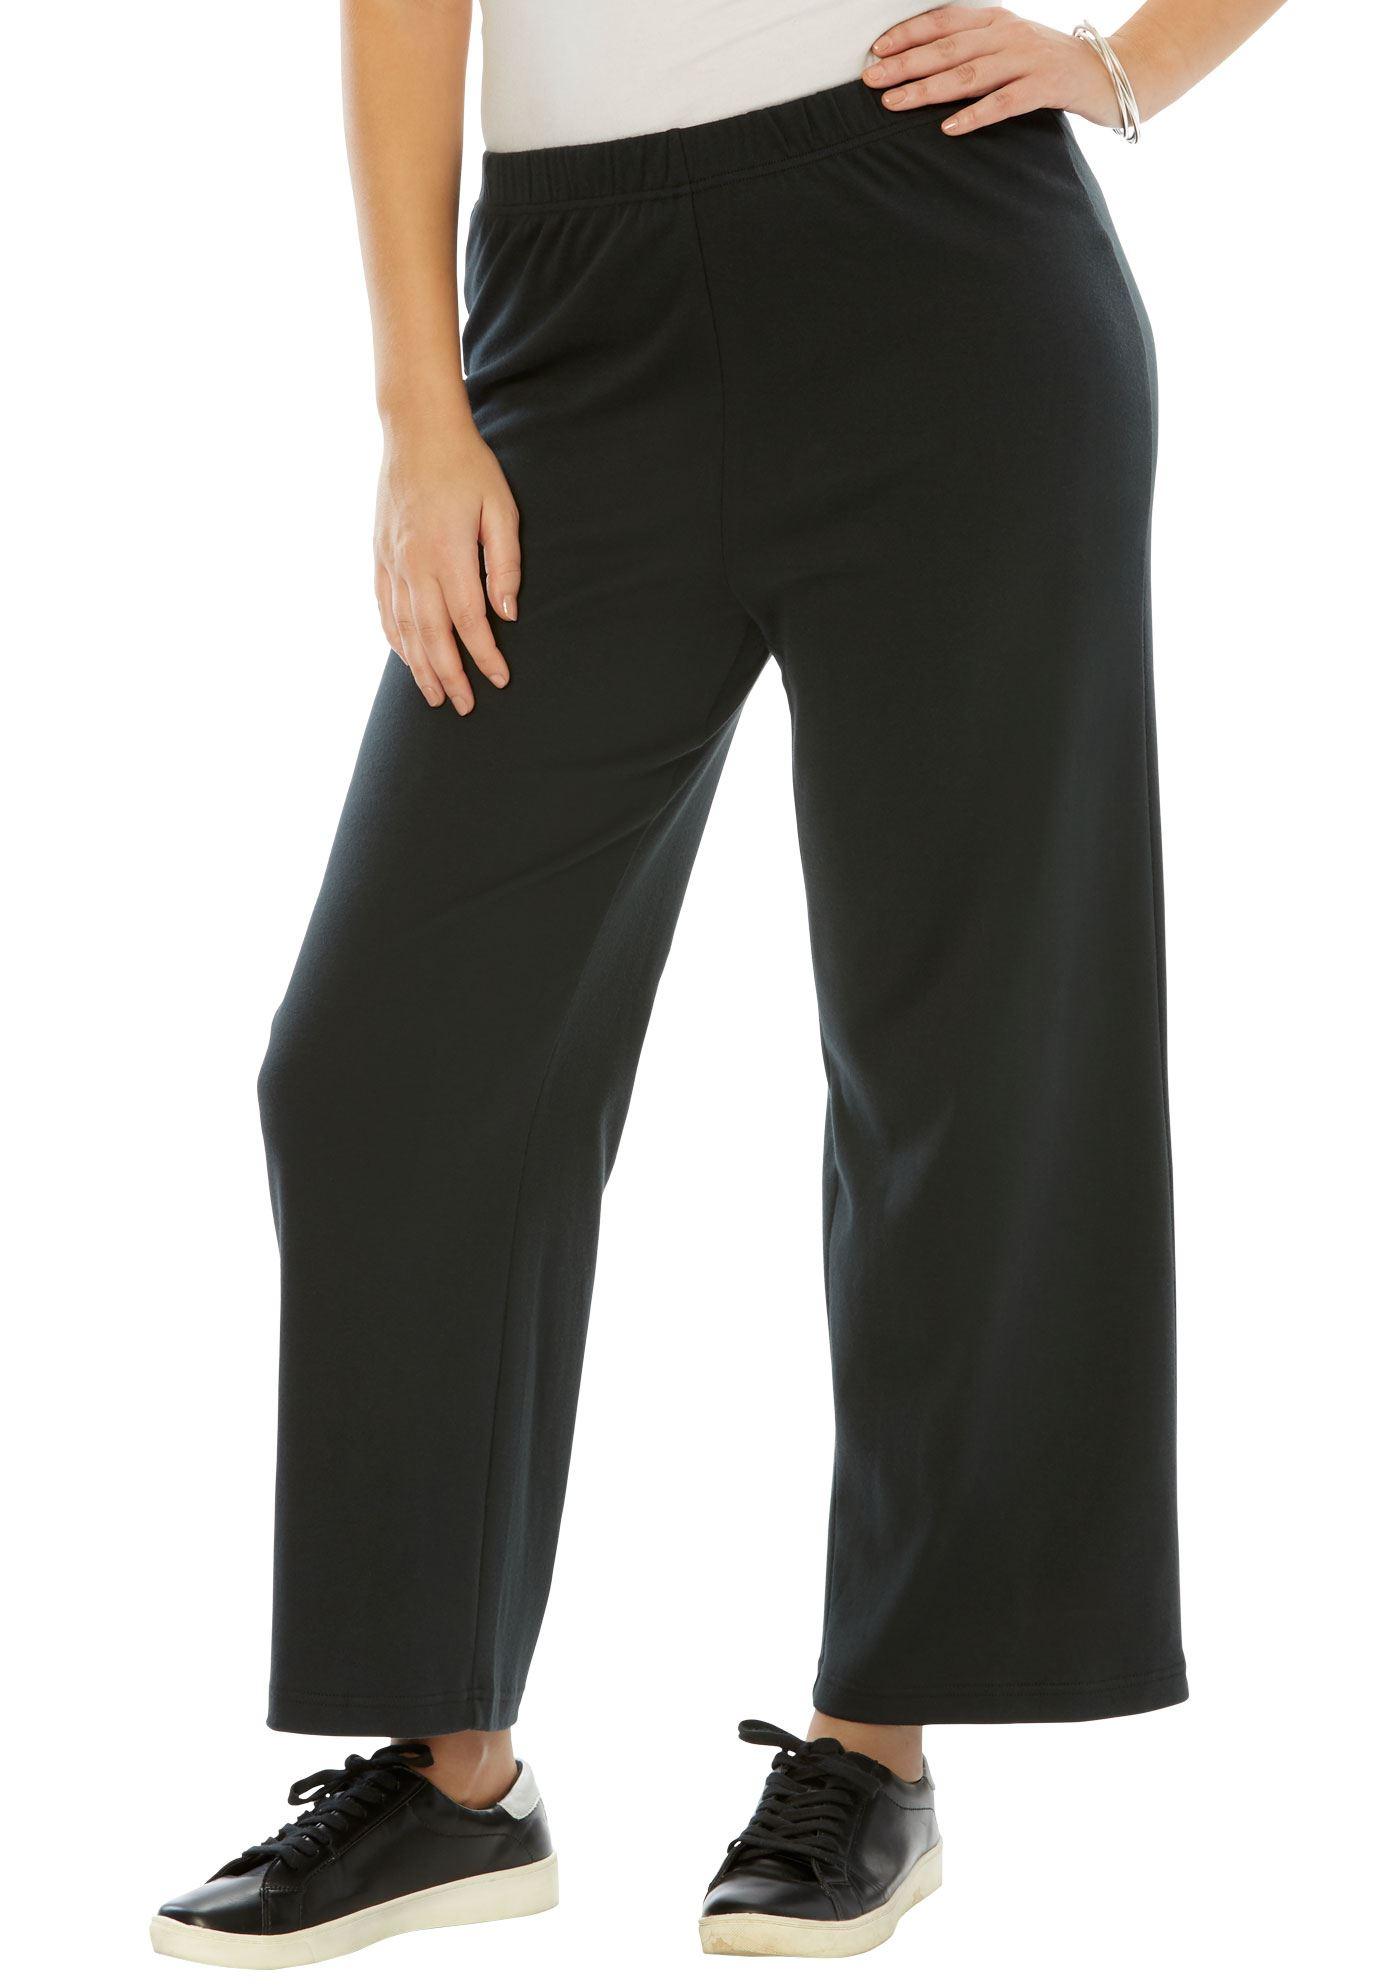 Roaman's Plus Size Soft Knit Wide Leg Pant